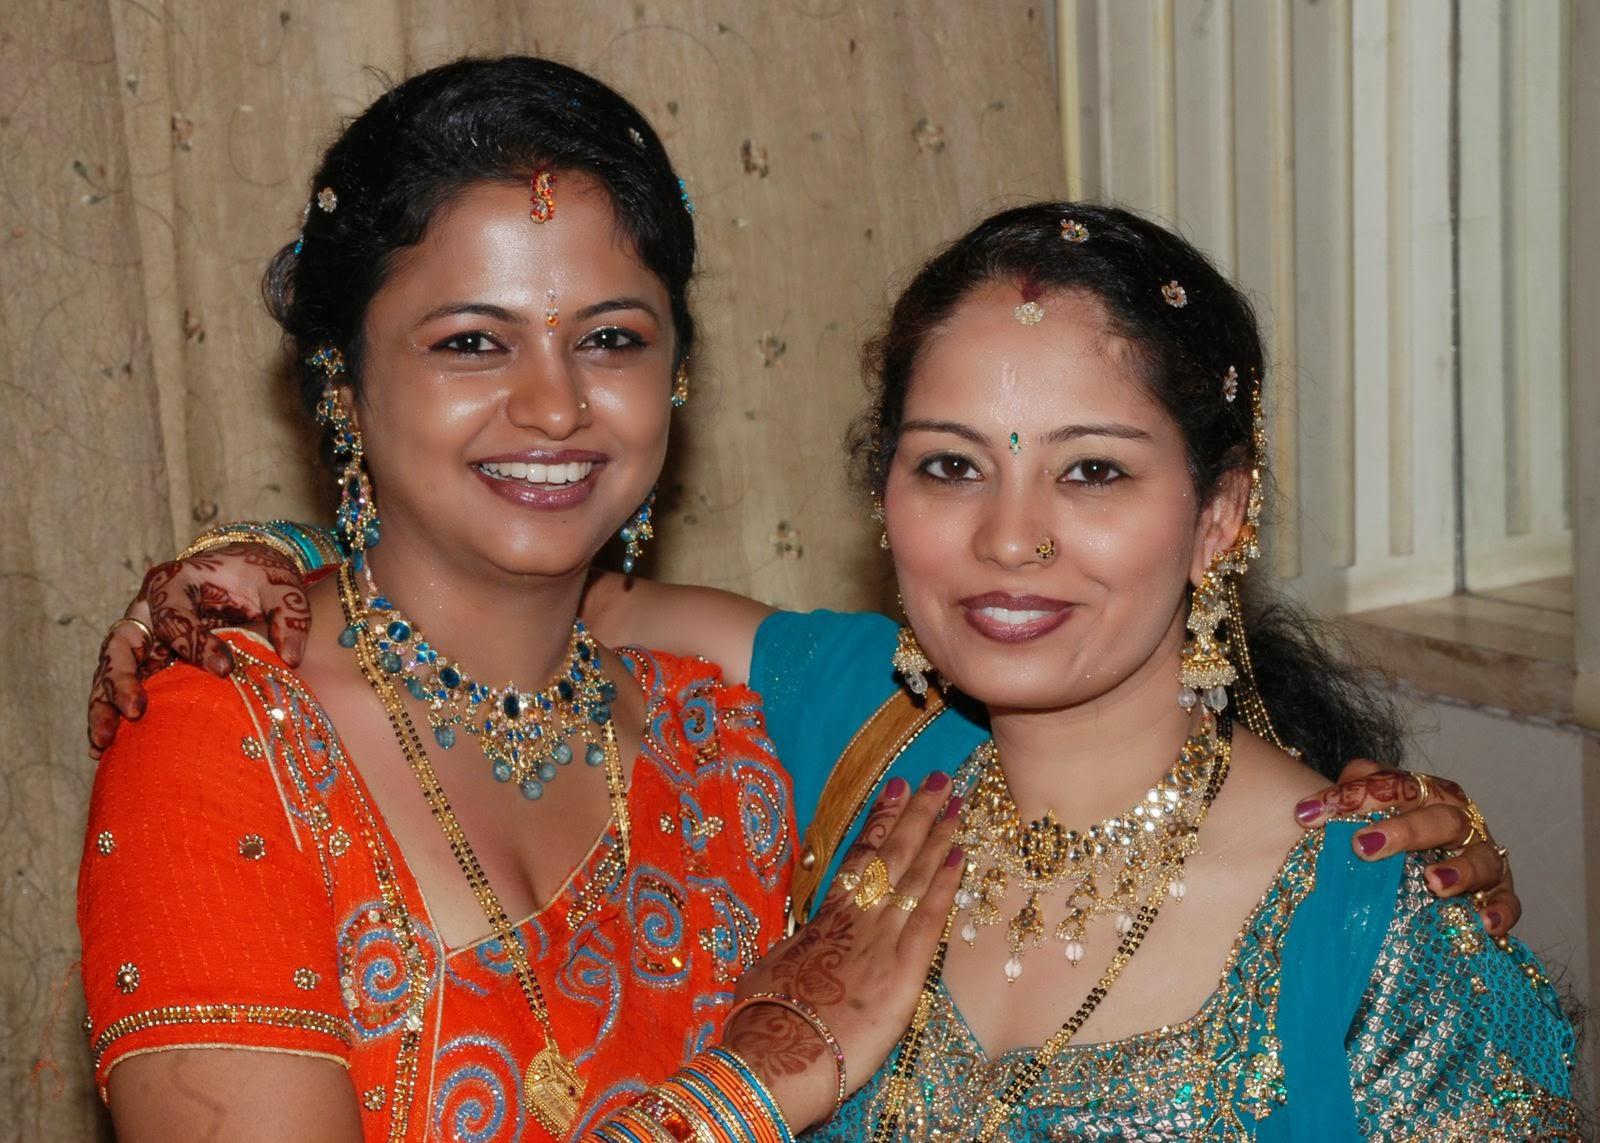 22 punjabi bhabhi in pink salwar suit selfie wid moans - 5 8